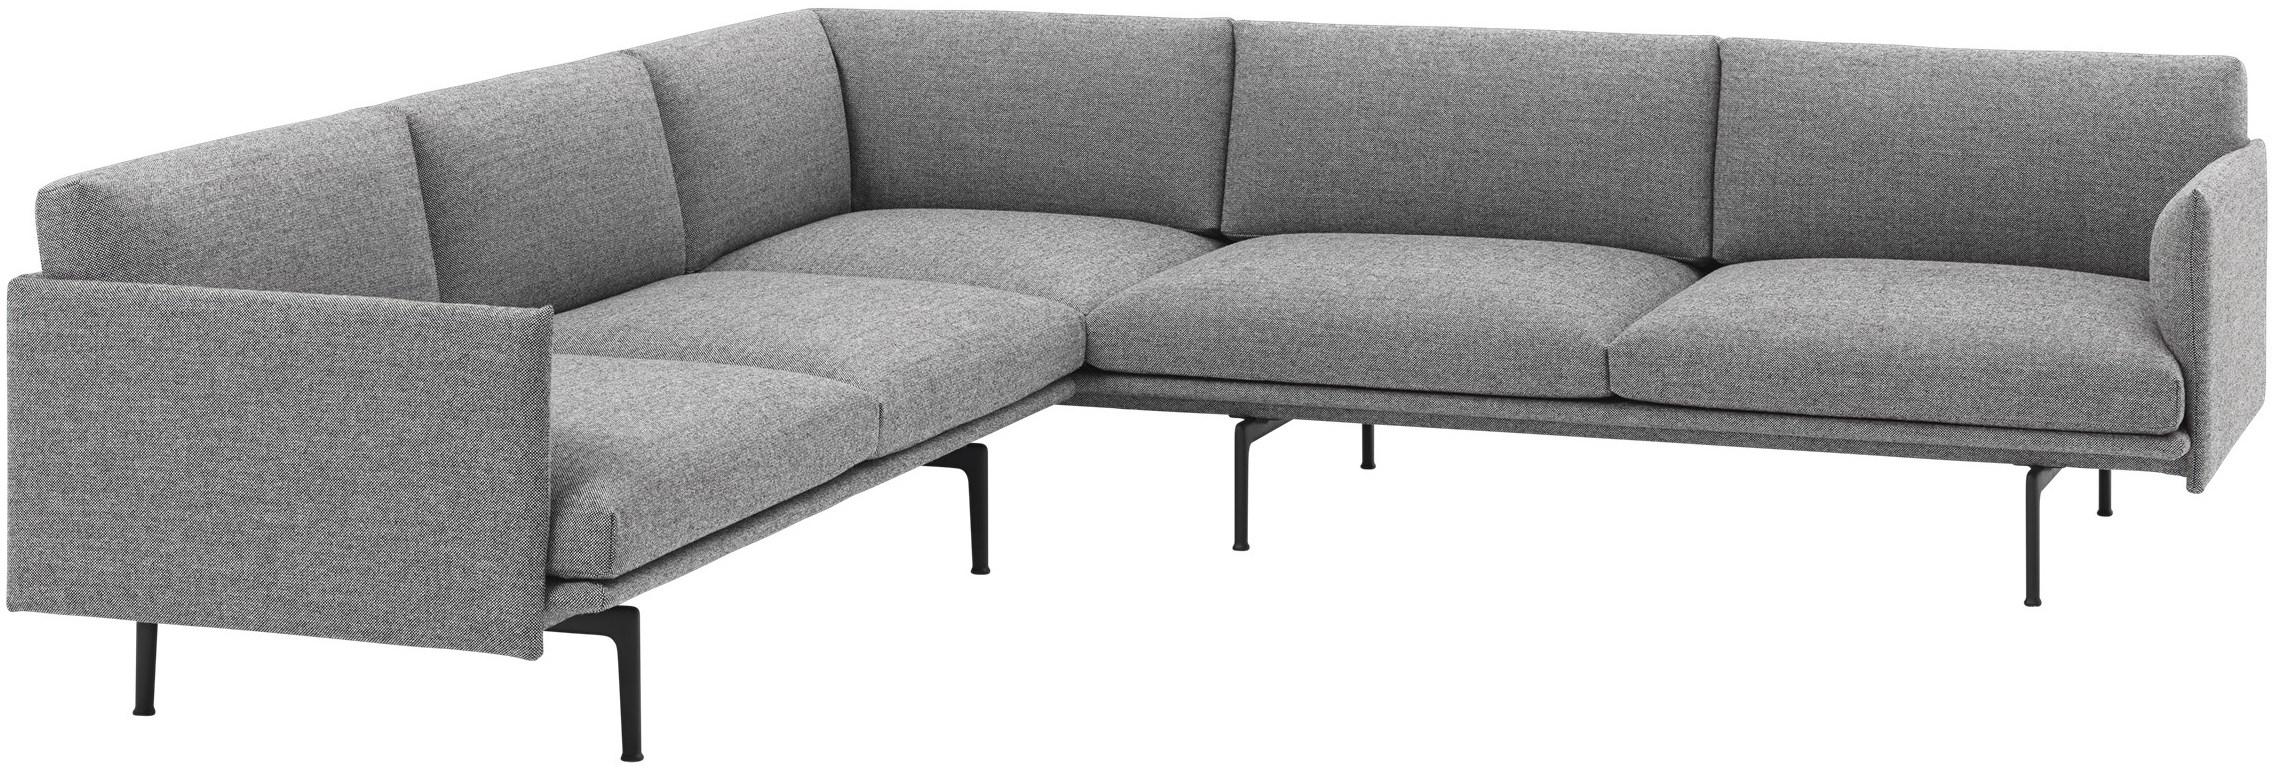 Muuto Outline Corner Sofa Design Anderssen Amp Voll